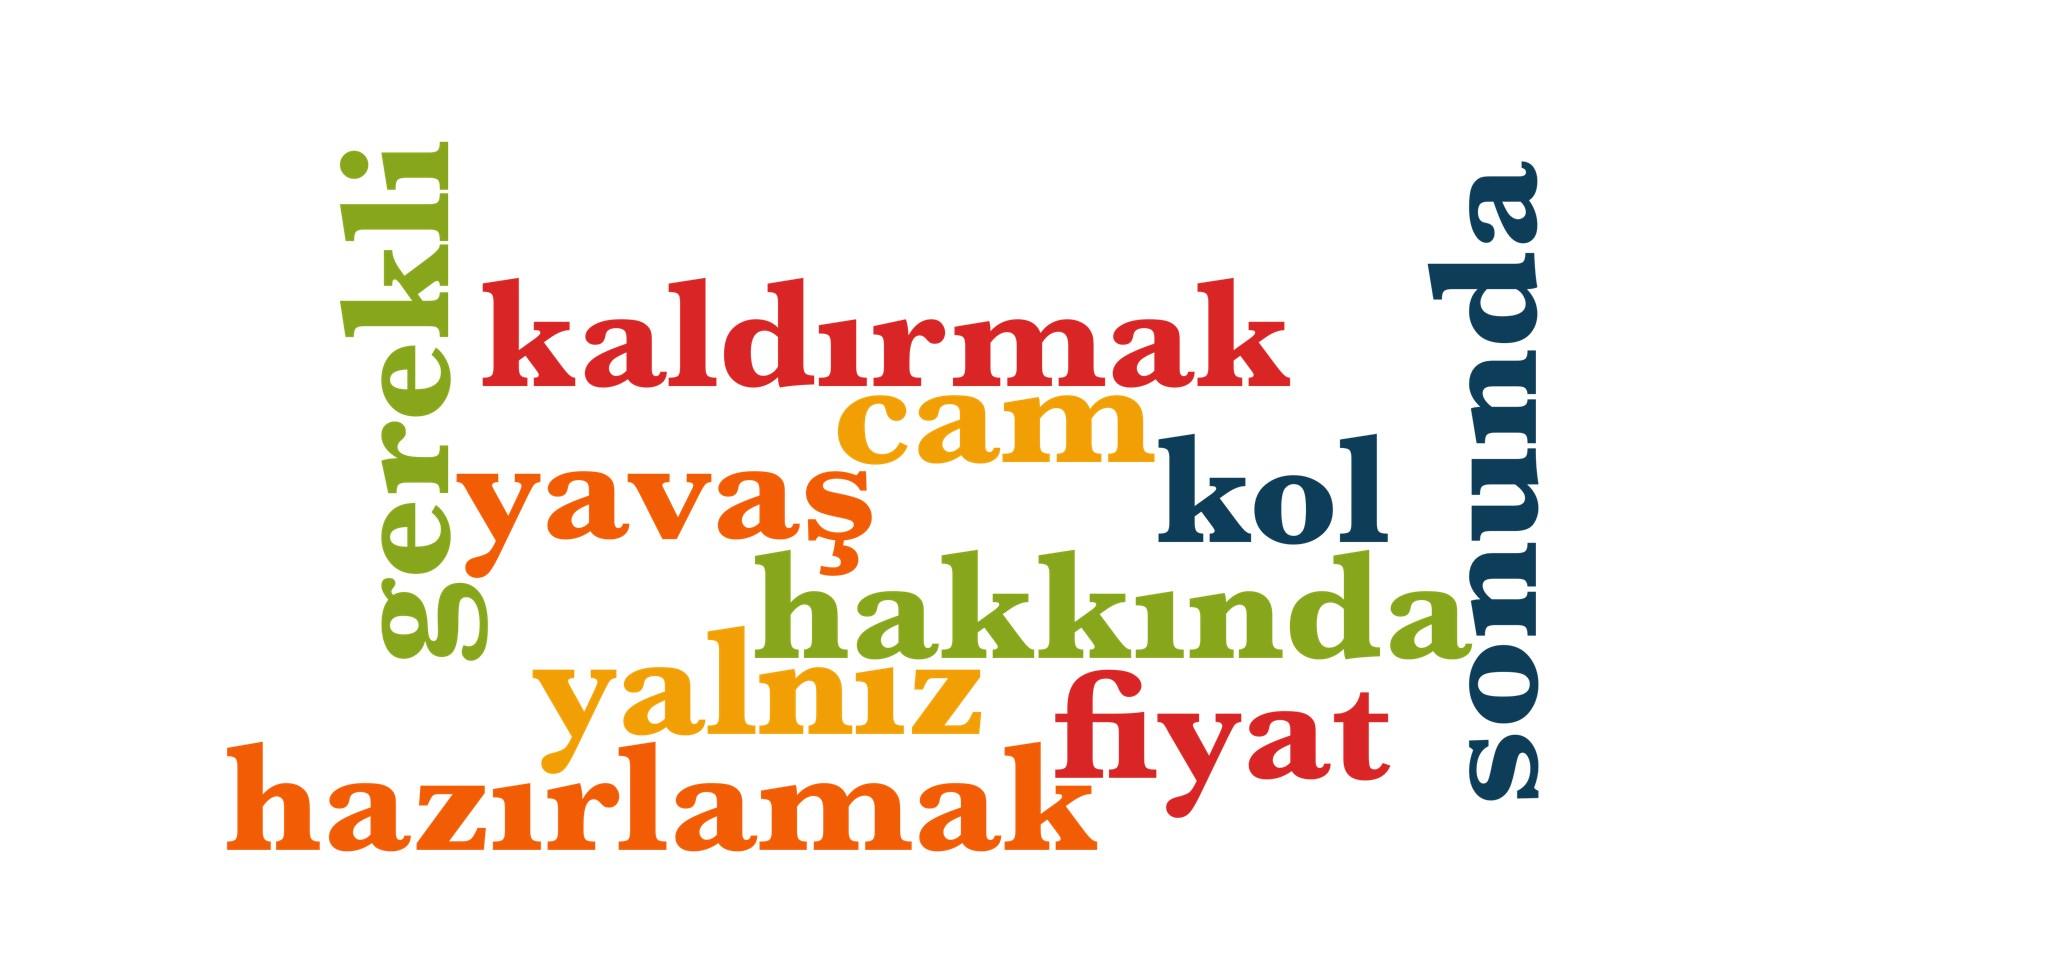 Wörter 431 bis 440 der 1000 häufigsten Wörter der türkischen Sprache